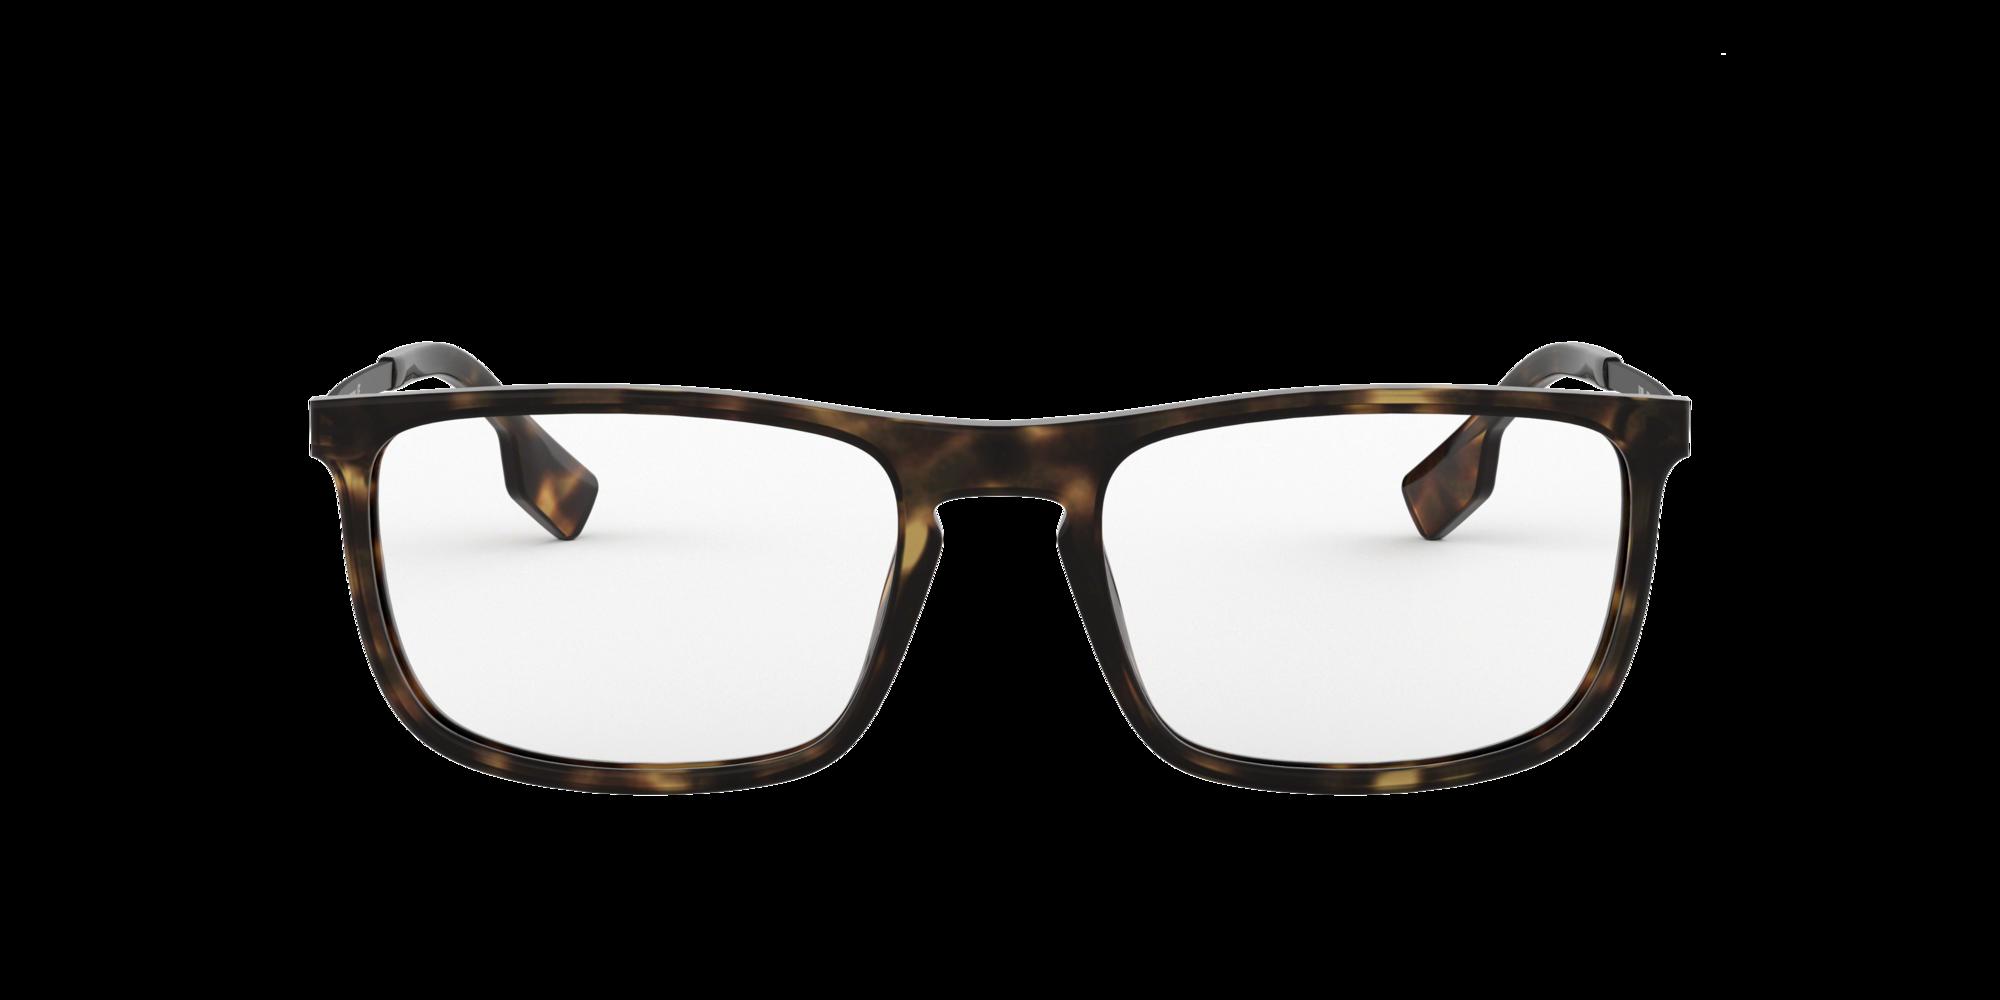 Imagen para BE2288 de LensCrafters |  Espejuelos, espejuelos graduados en línea, gafas